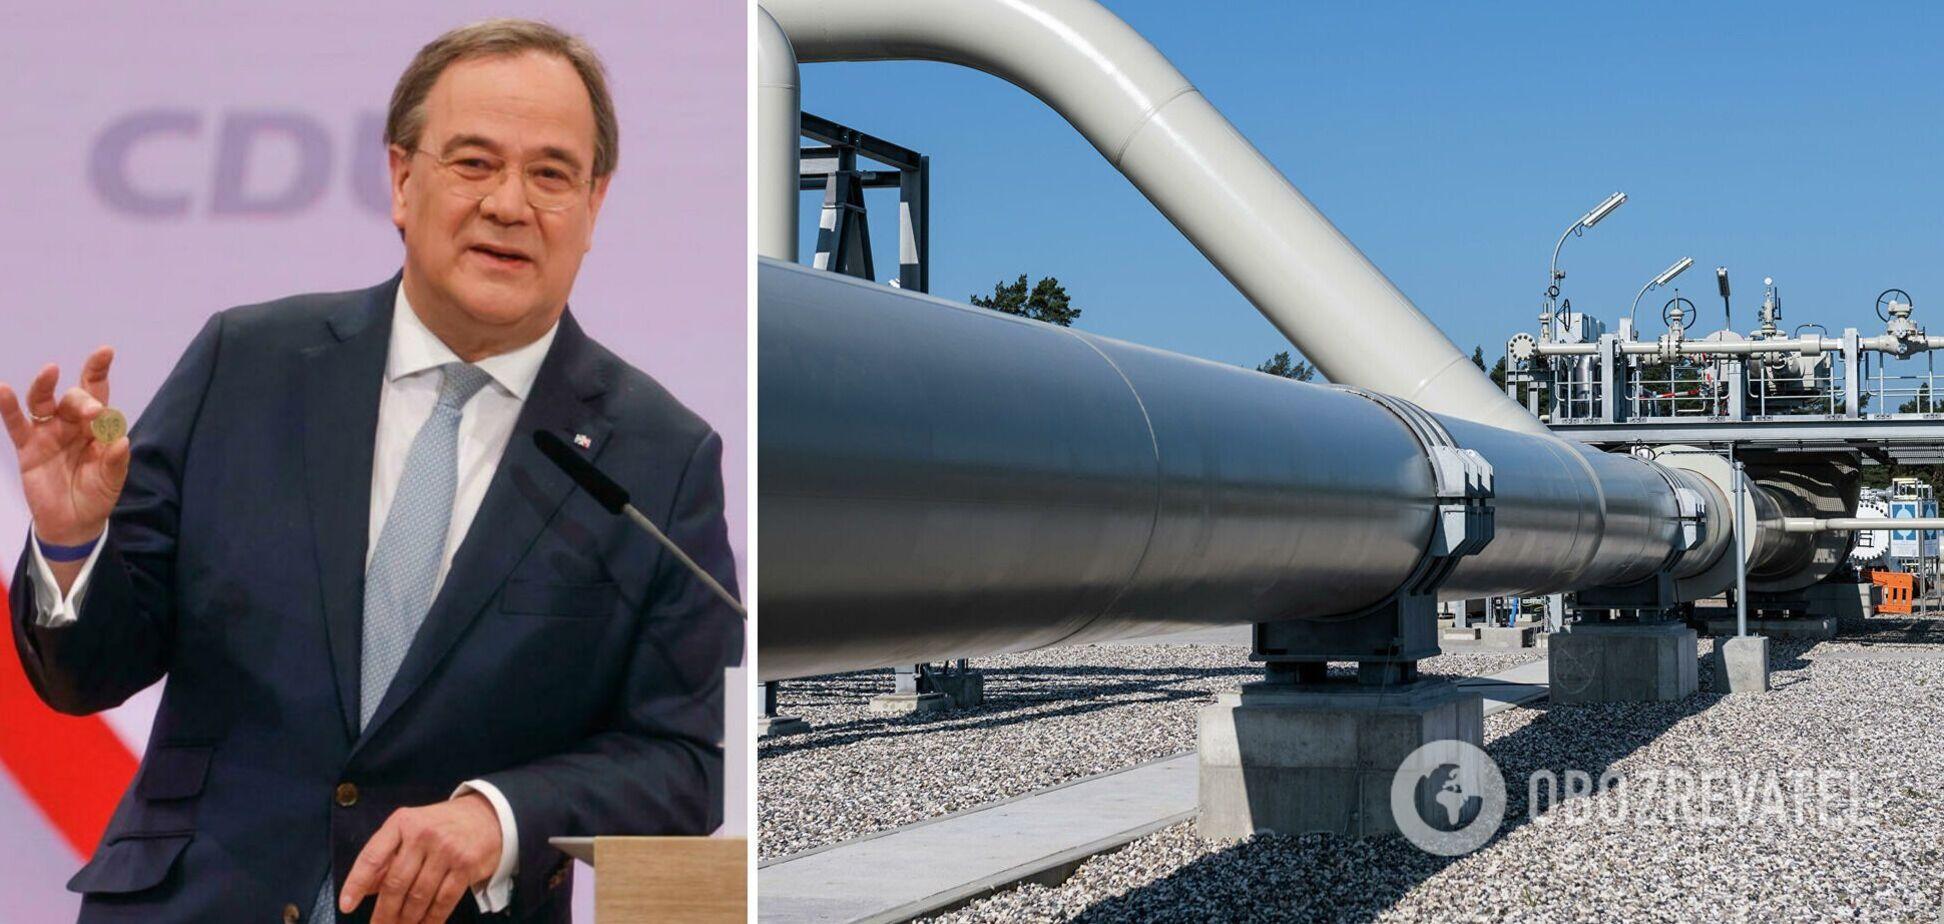 Кандидат в канцлеры Германии пригрозил заблокировать 'Северный поток-2' и назвал условие